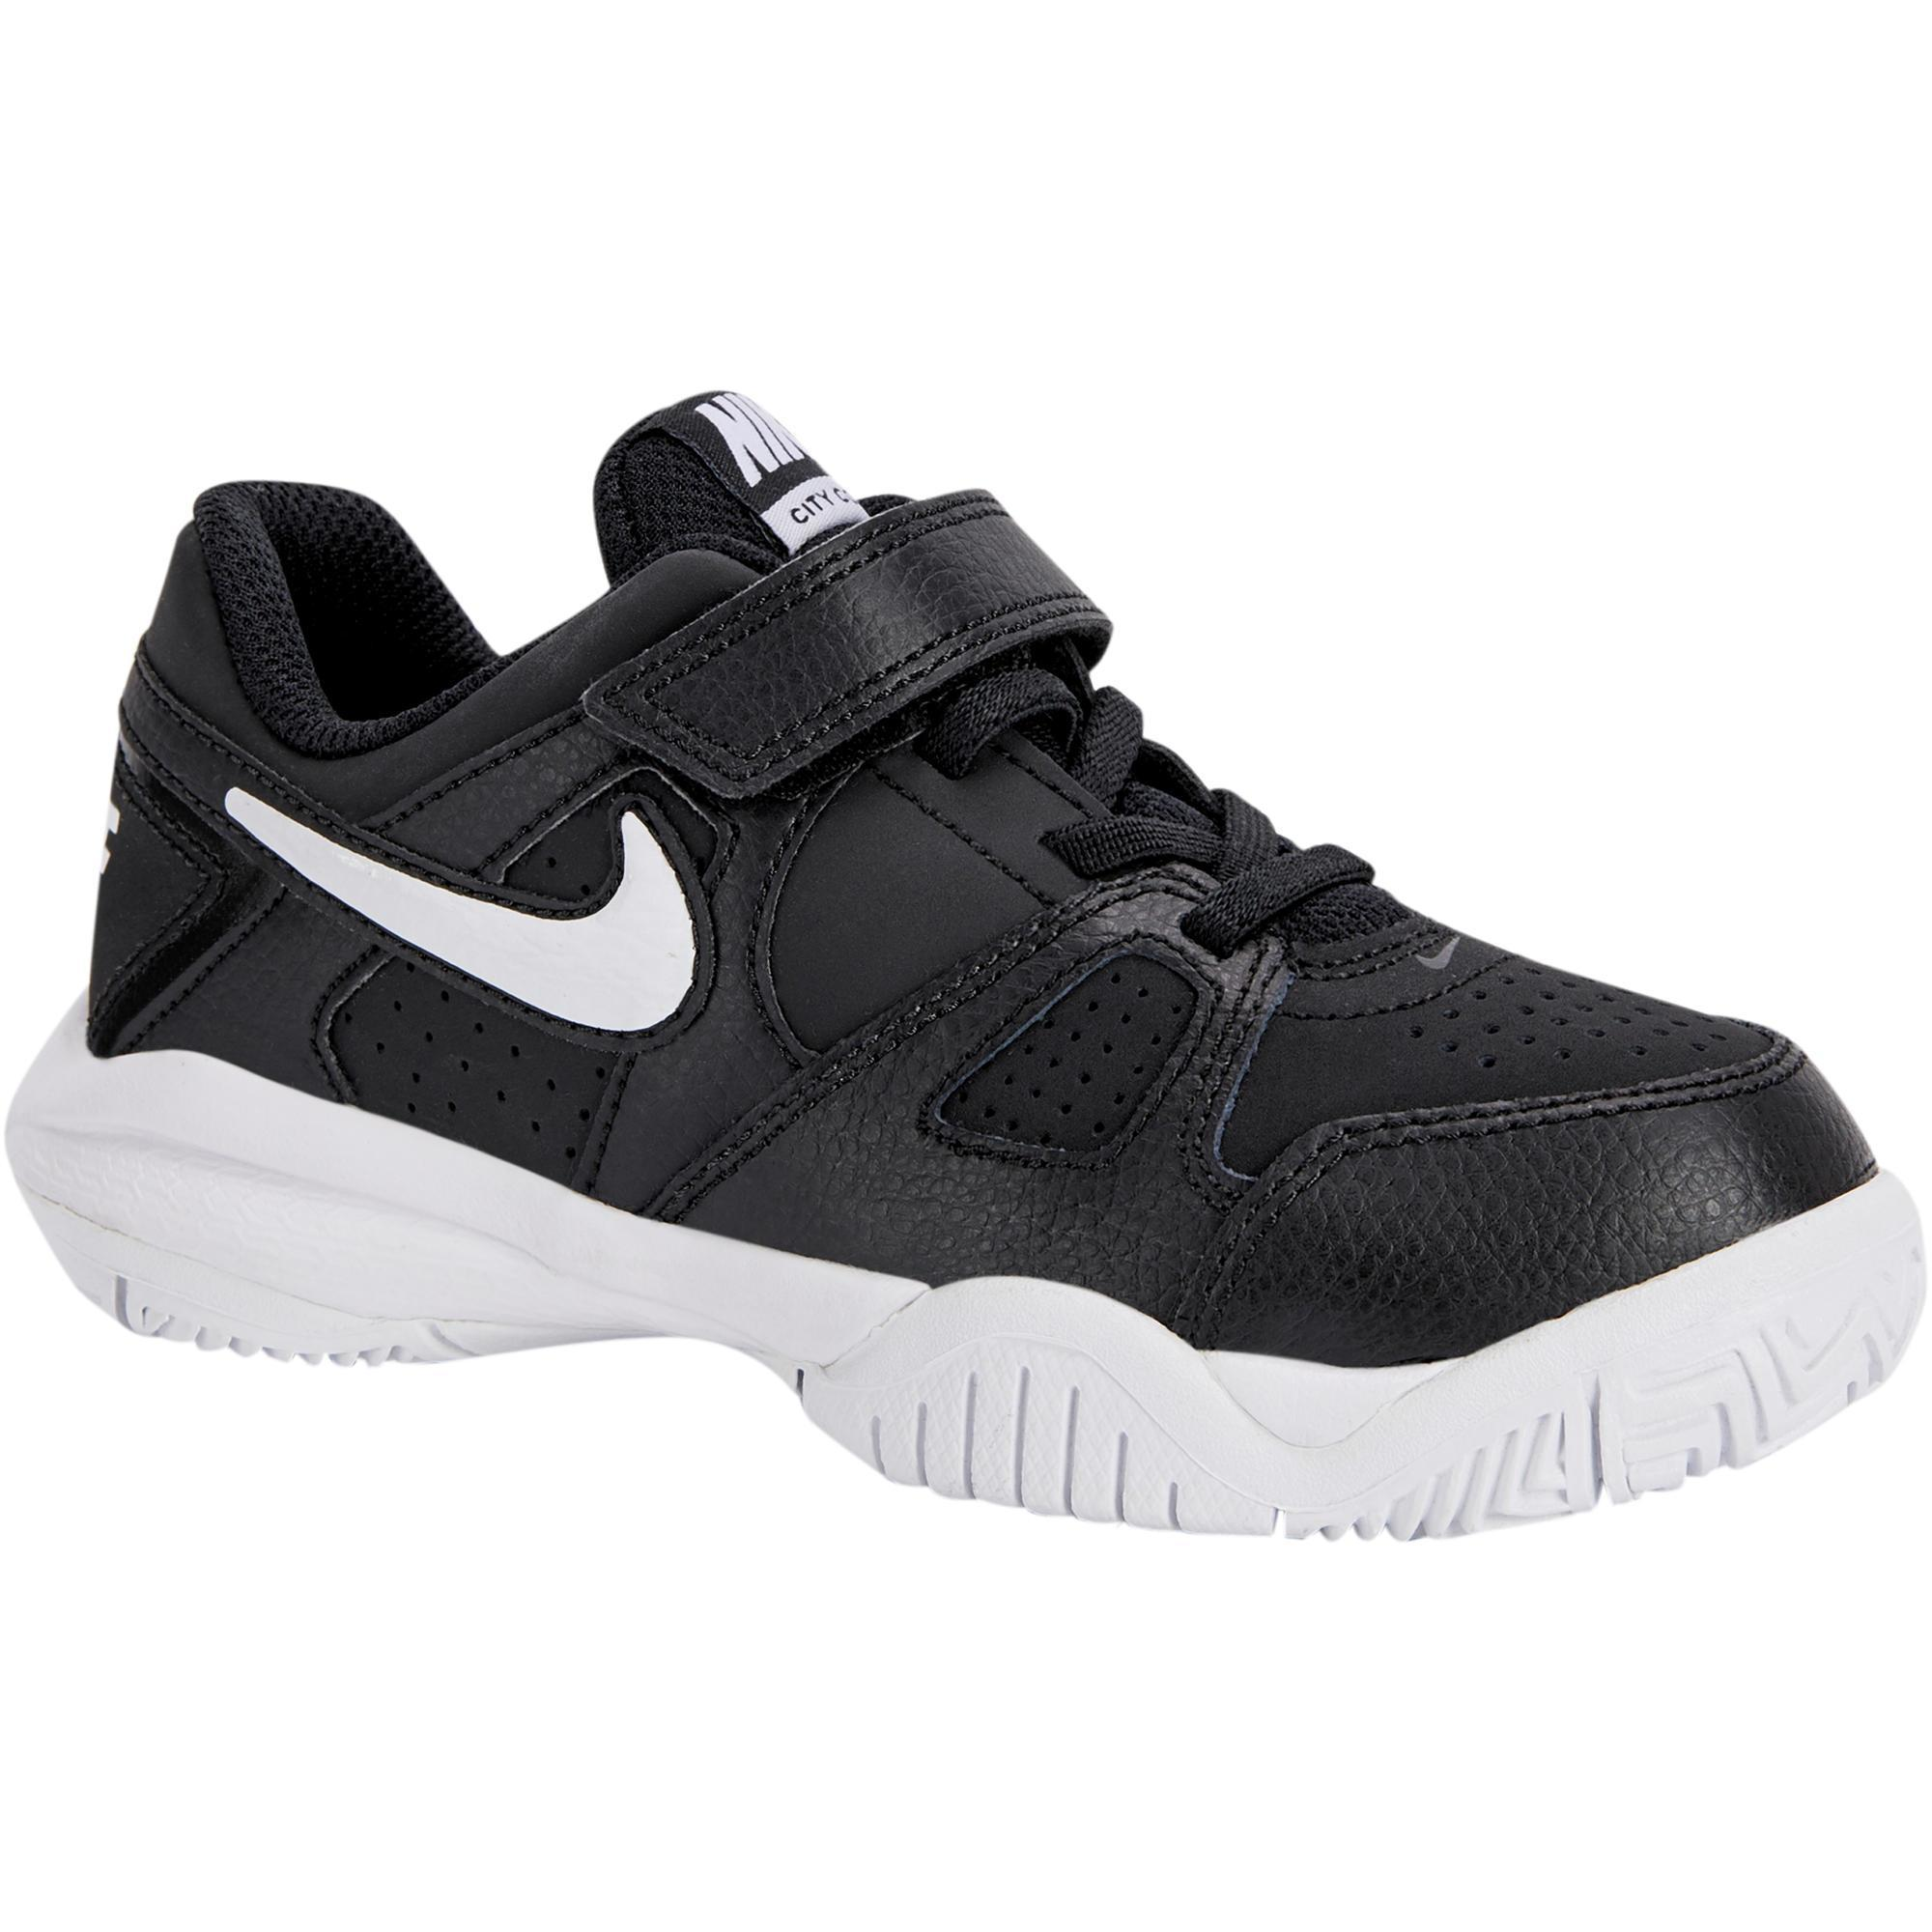 d92bbb72b50 Comprar Zapatillas de tenis online